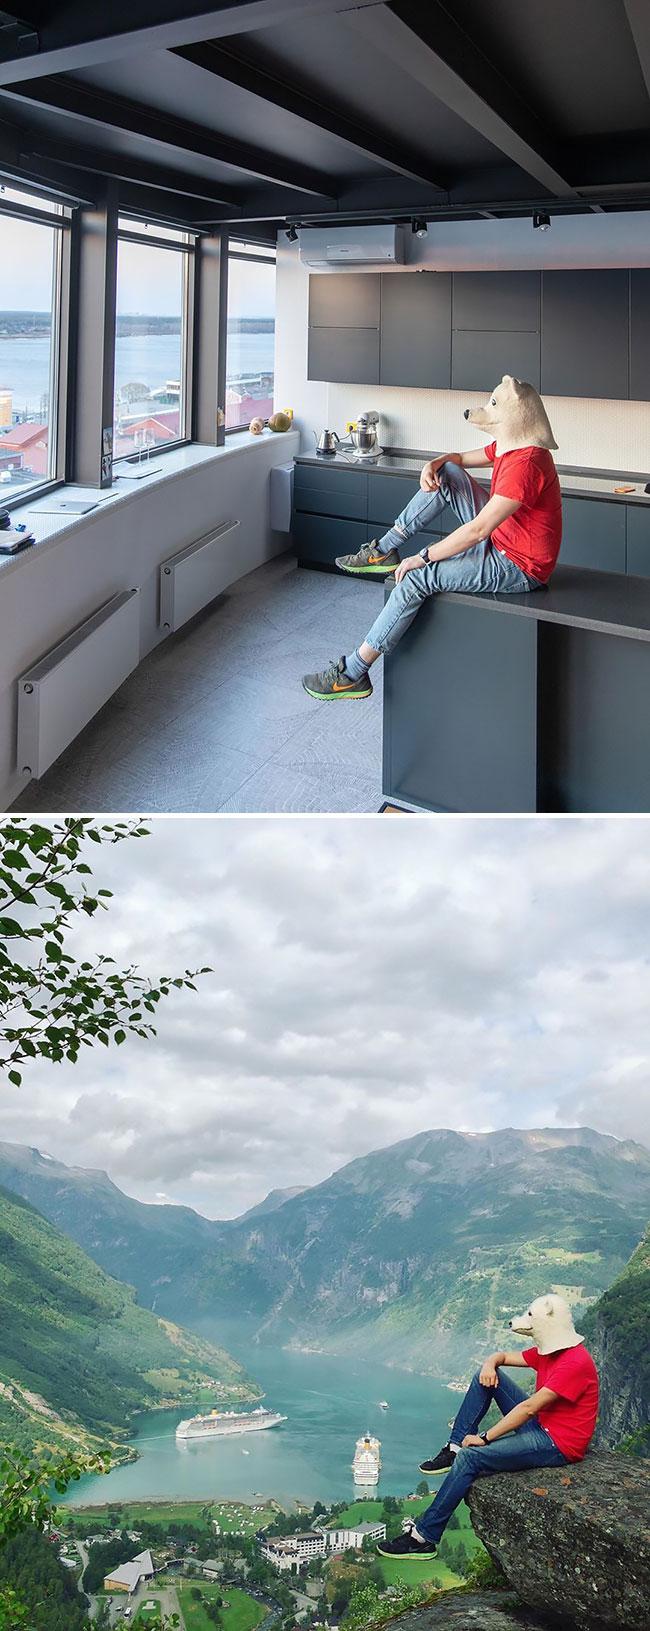 en cuarentena Elnar Mansurov repitió fotos de sus viajes en su departamento  (3)